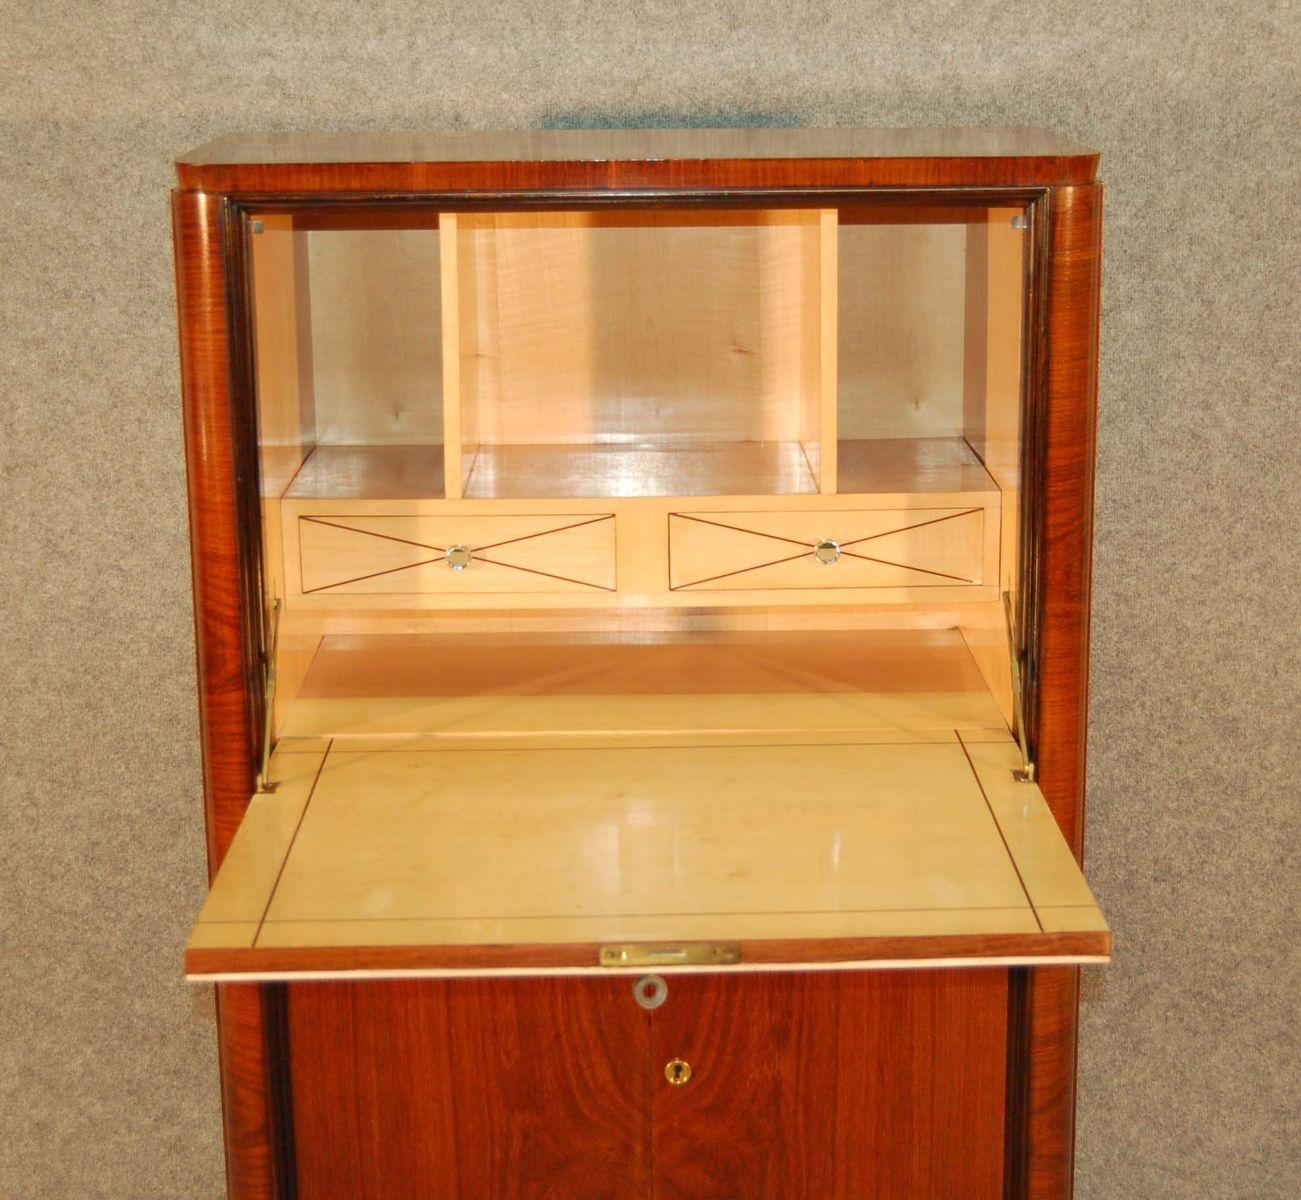 secr taire art d co 1940s en vente sur pamono. Black Bedroom Furniture Sets. Home Design Ideas